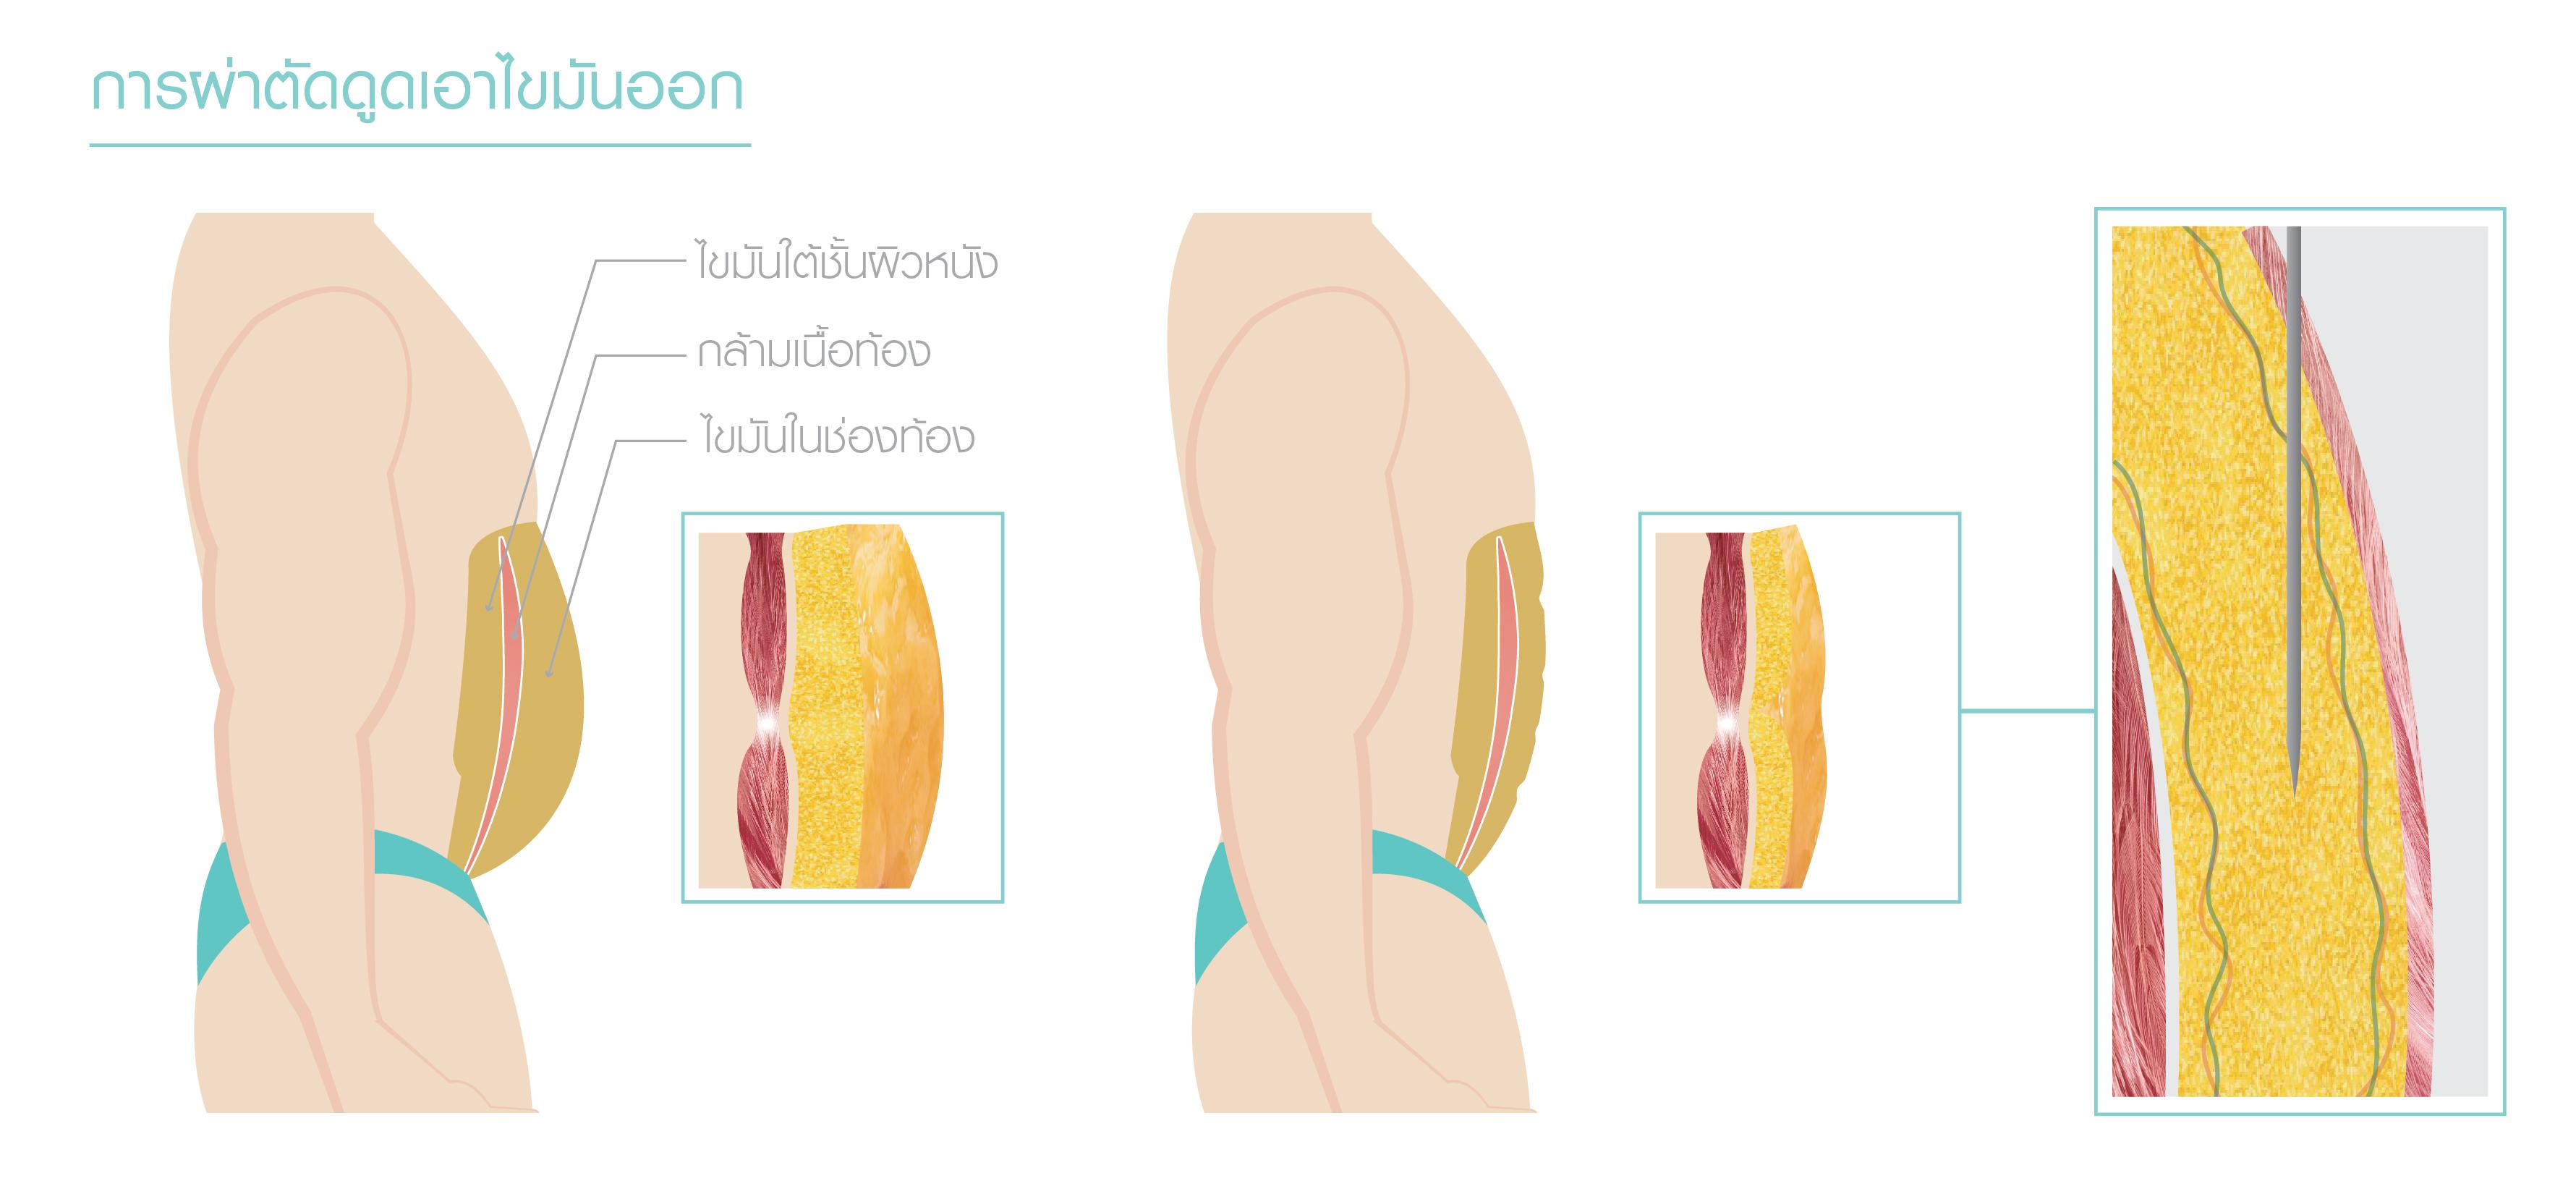 บริเวณไขมันช่องท้อง คือส่วนที่แพทย์ดูดไขมันออก เพื่อสร้าง Six Pack